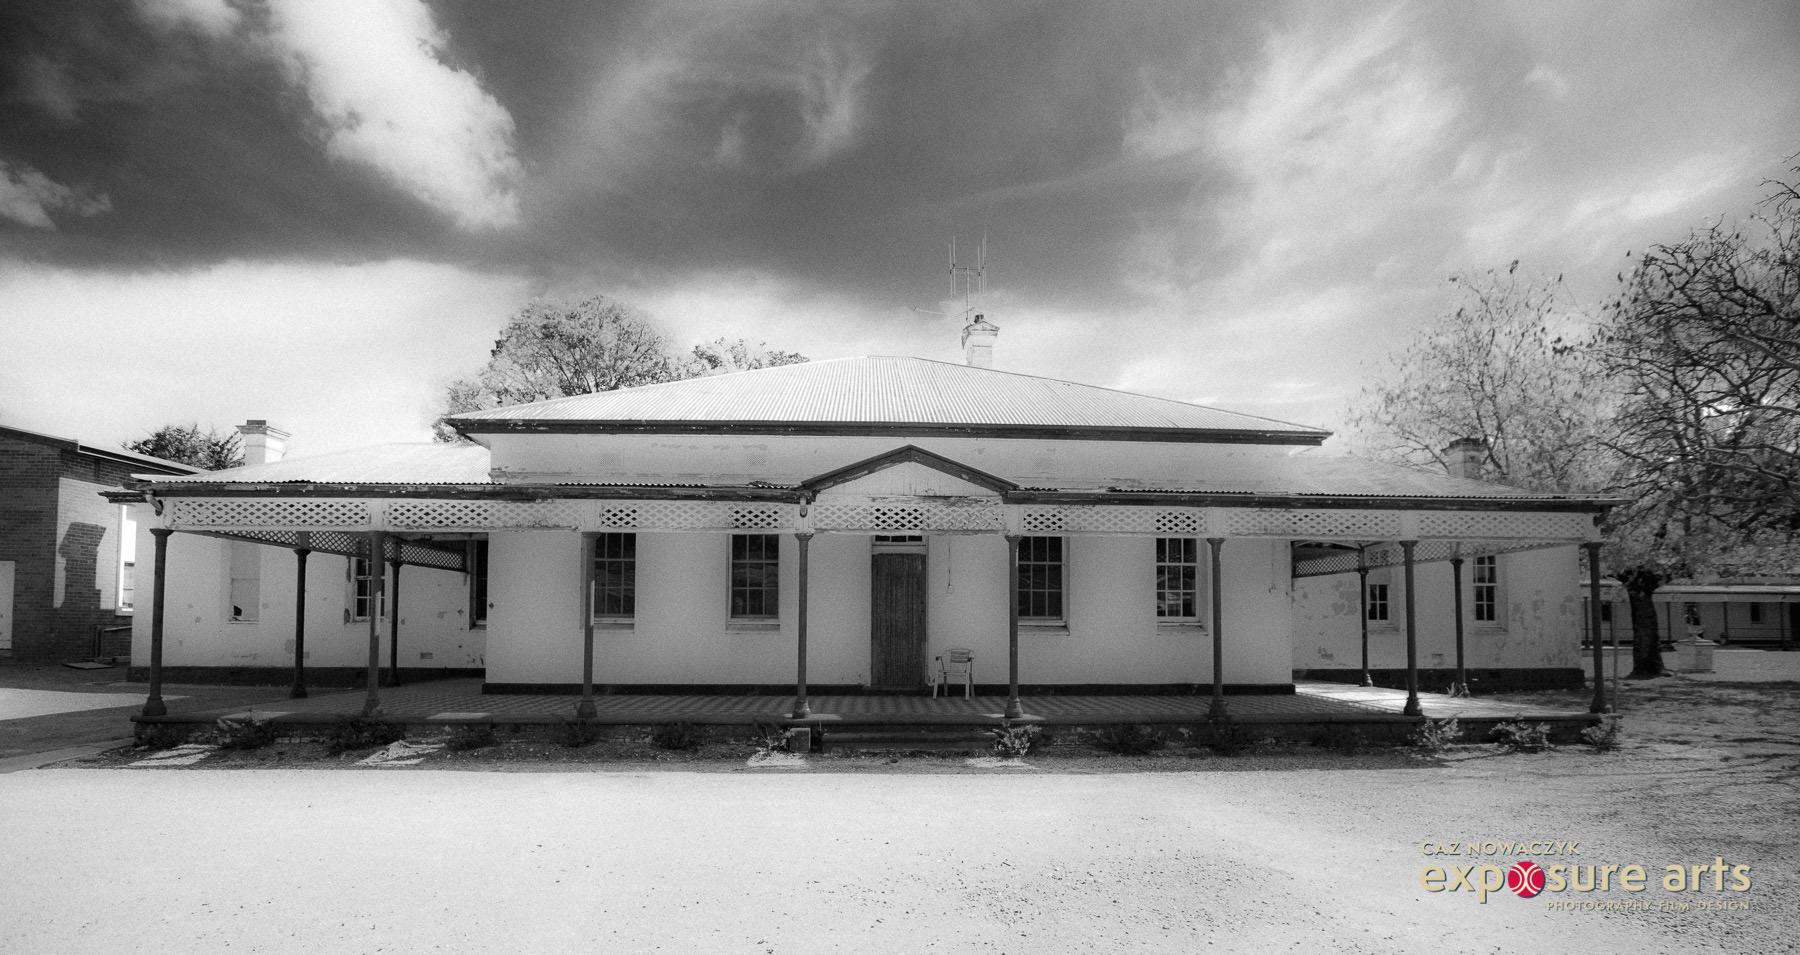 Desafio de fotografia semanal: edifícios históricos